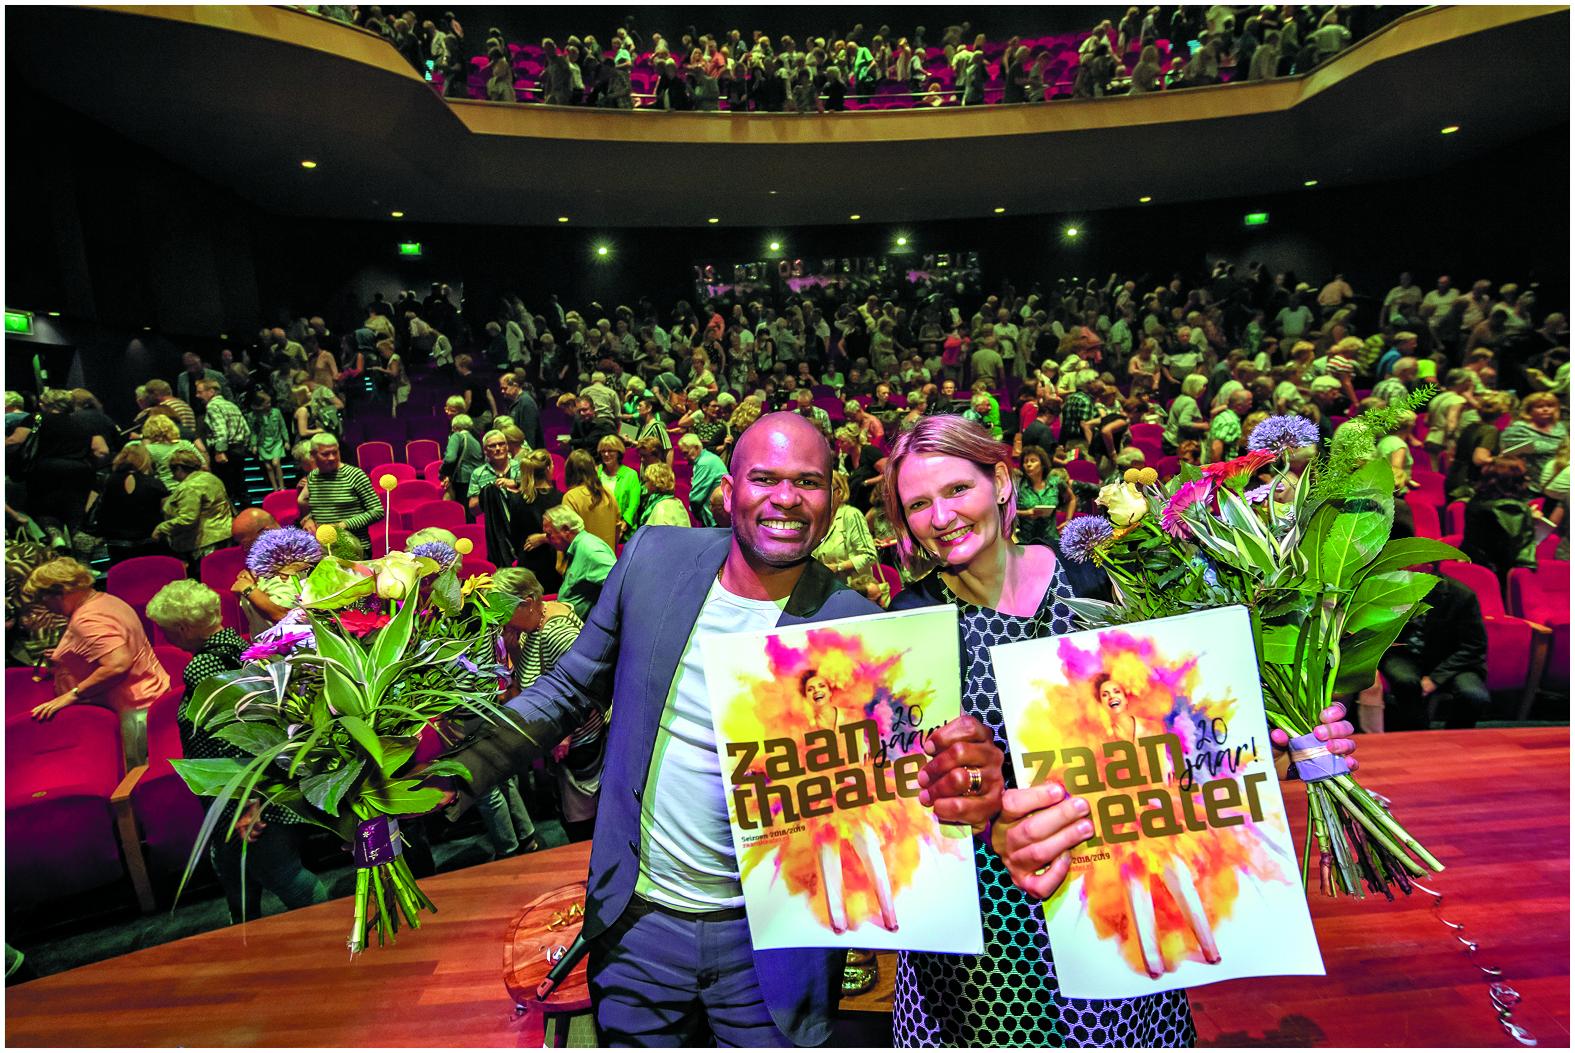 Roué Verveer en Kim Muller tijdens de presentatie met het programmaboekje. (Foto: Bart Homburg)